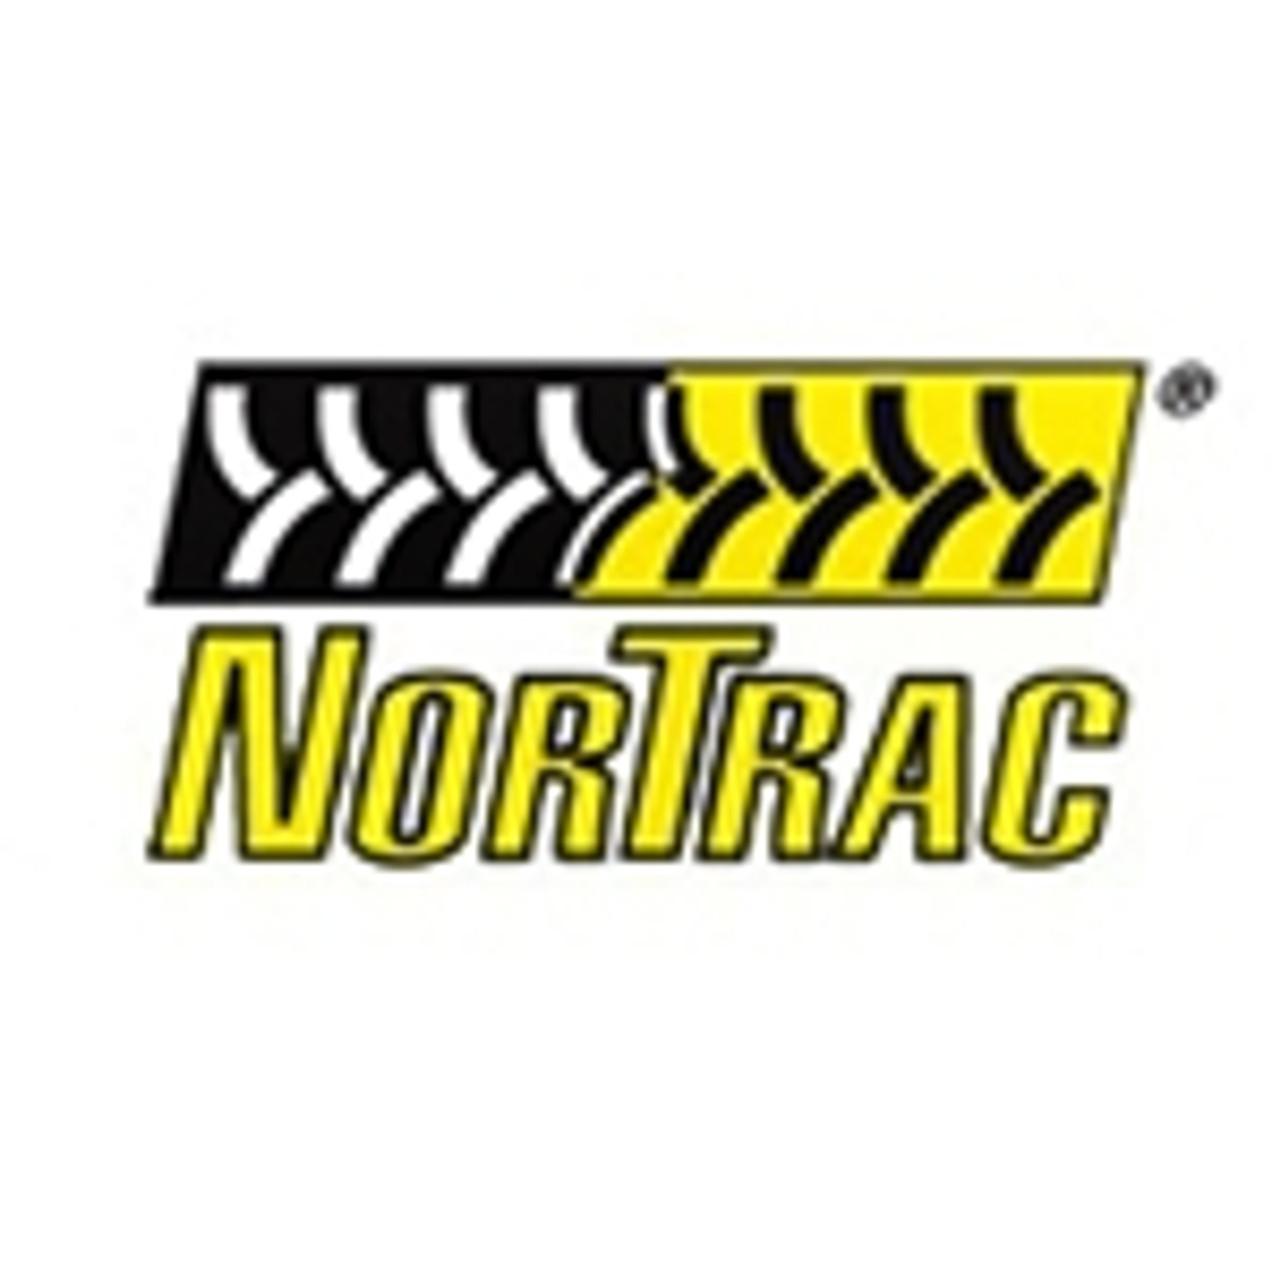 Nortrac